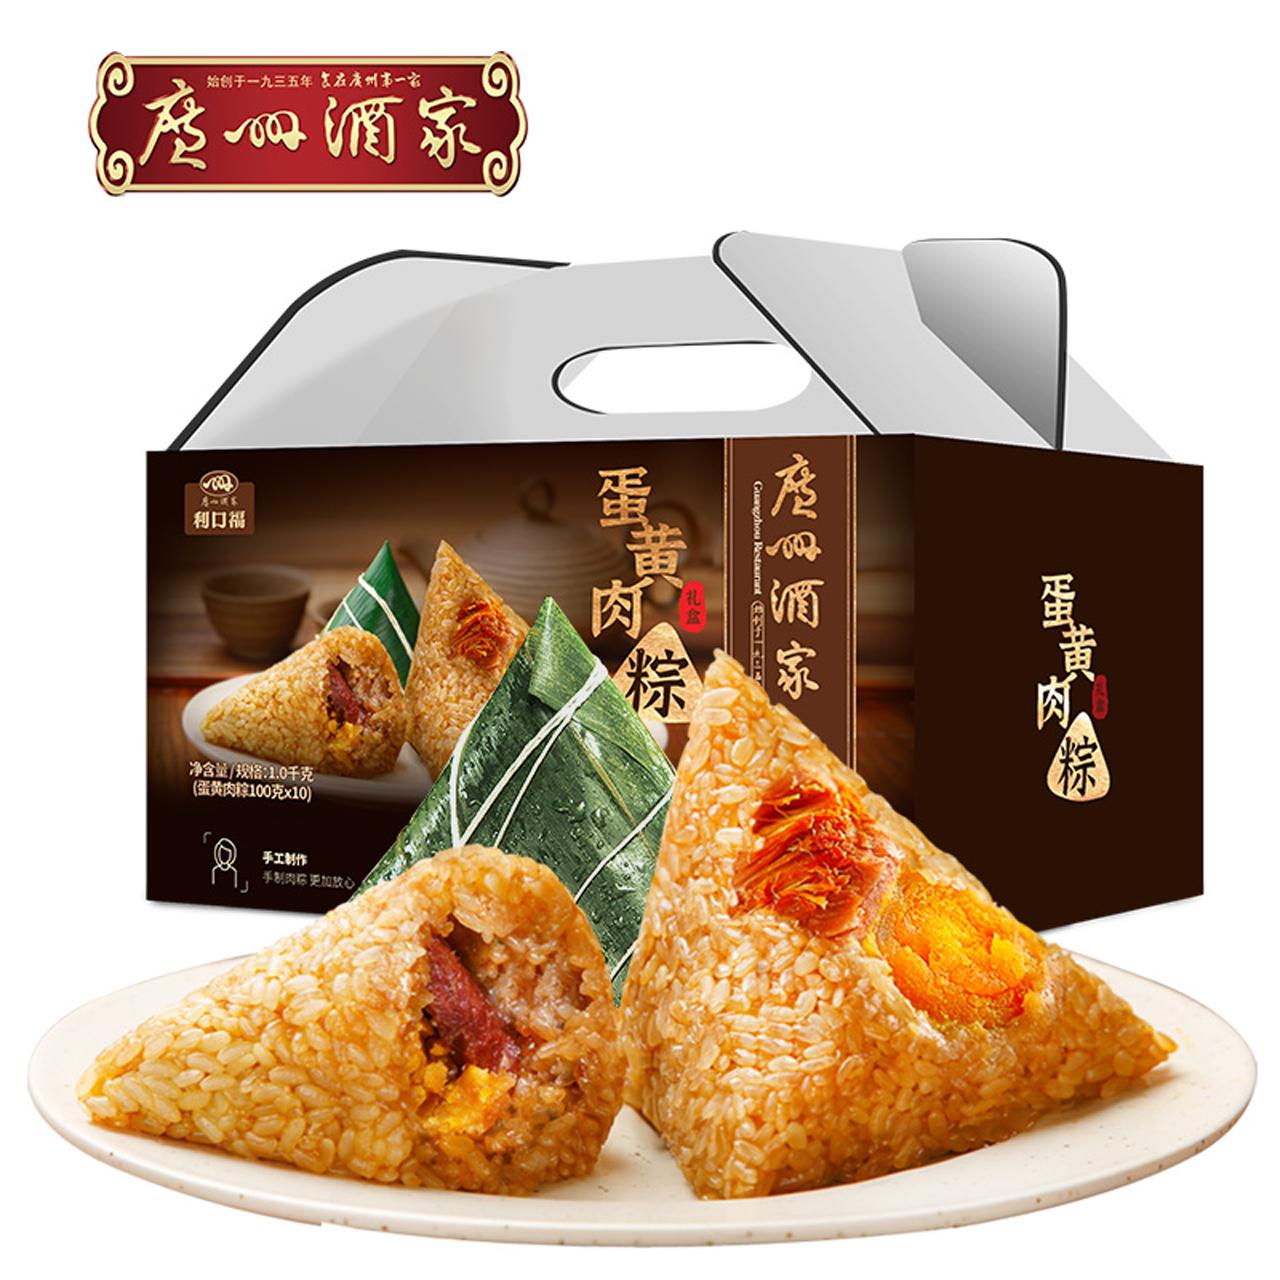 【广州酒家】风味肉粽子礼盒10只装